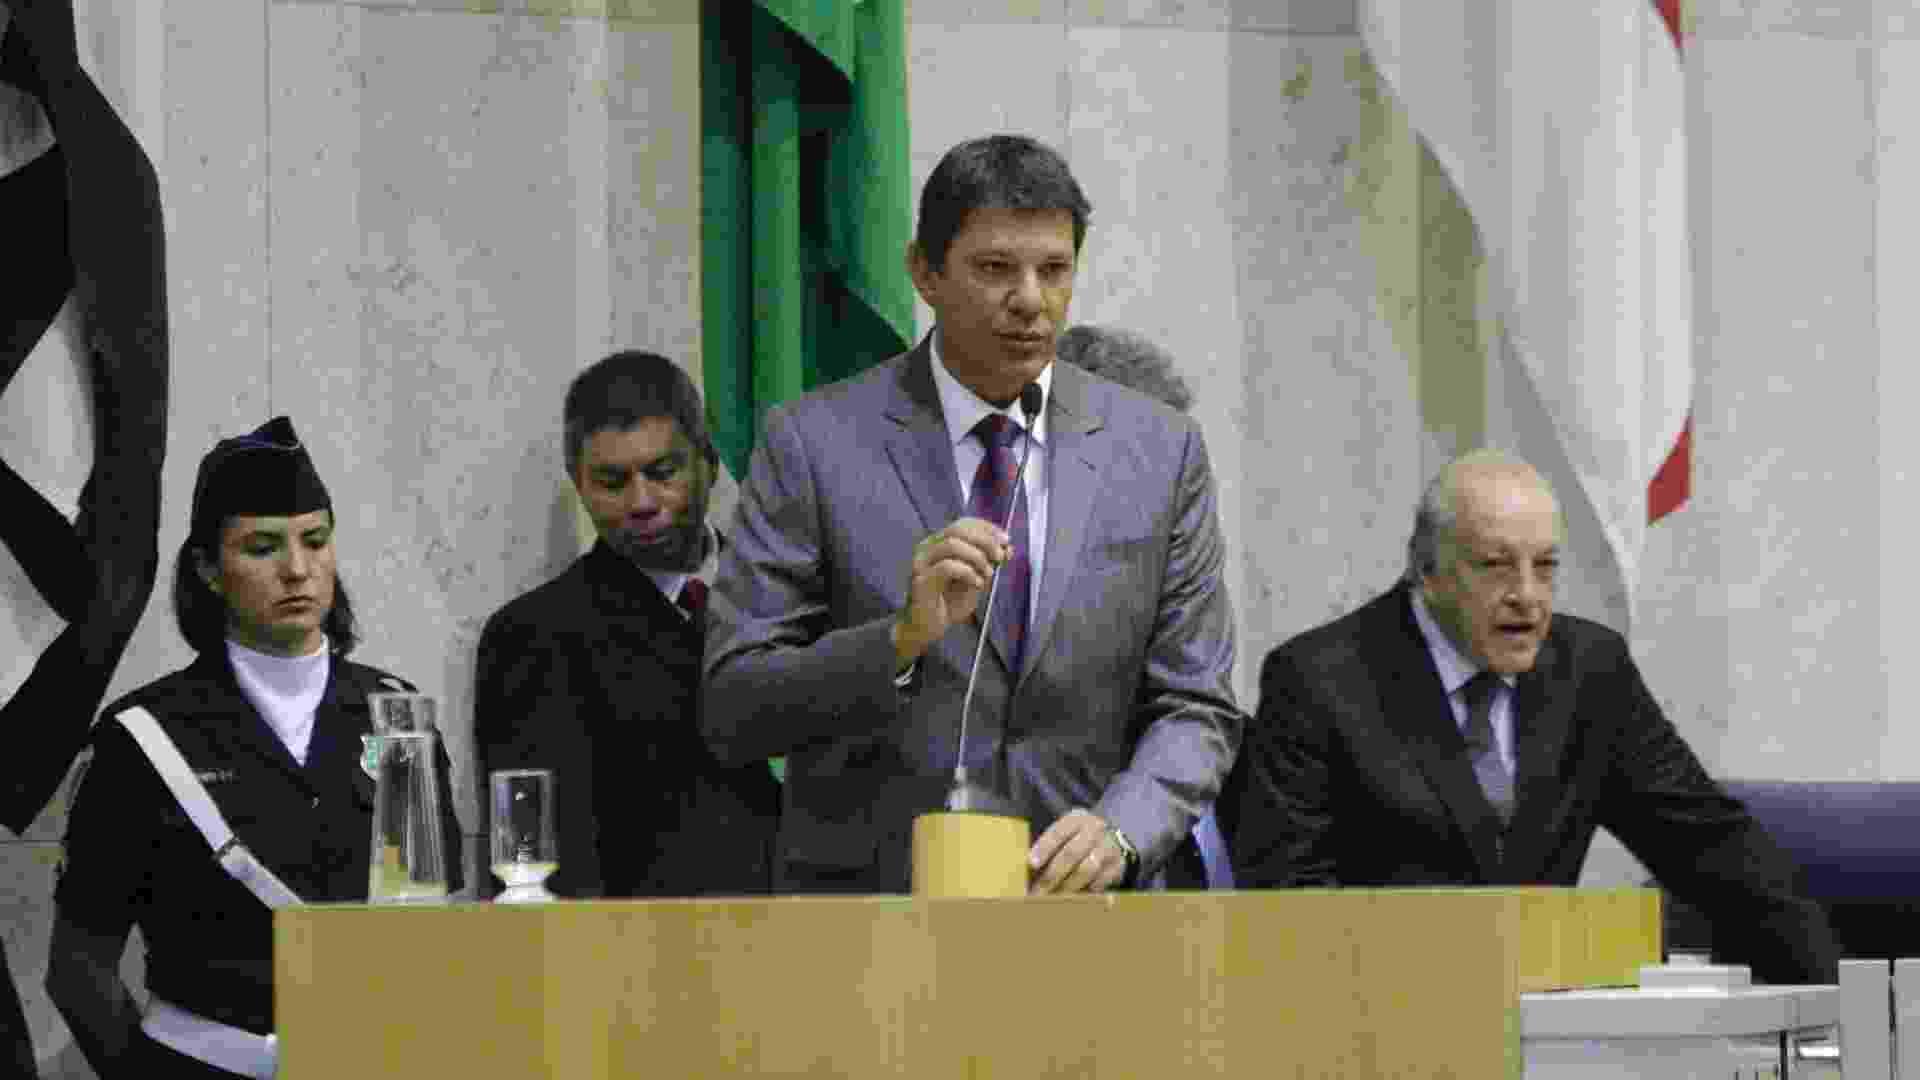 1º.jan.2013 - O prefeito eleito de São Paulo, Fernando Haddad (PT), toma posse na Câmara Municipal - Gabriela Biló/Futura Press